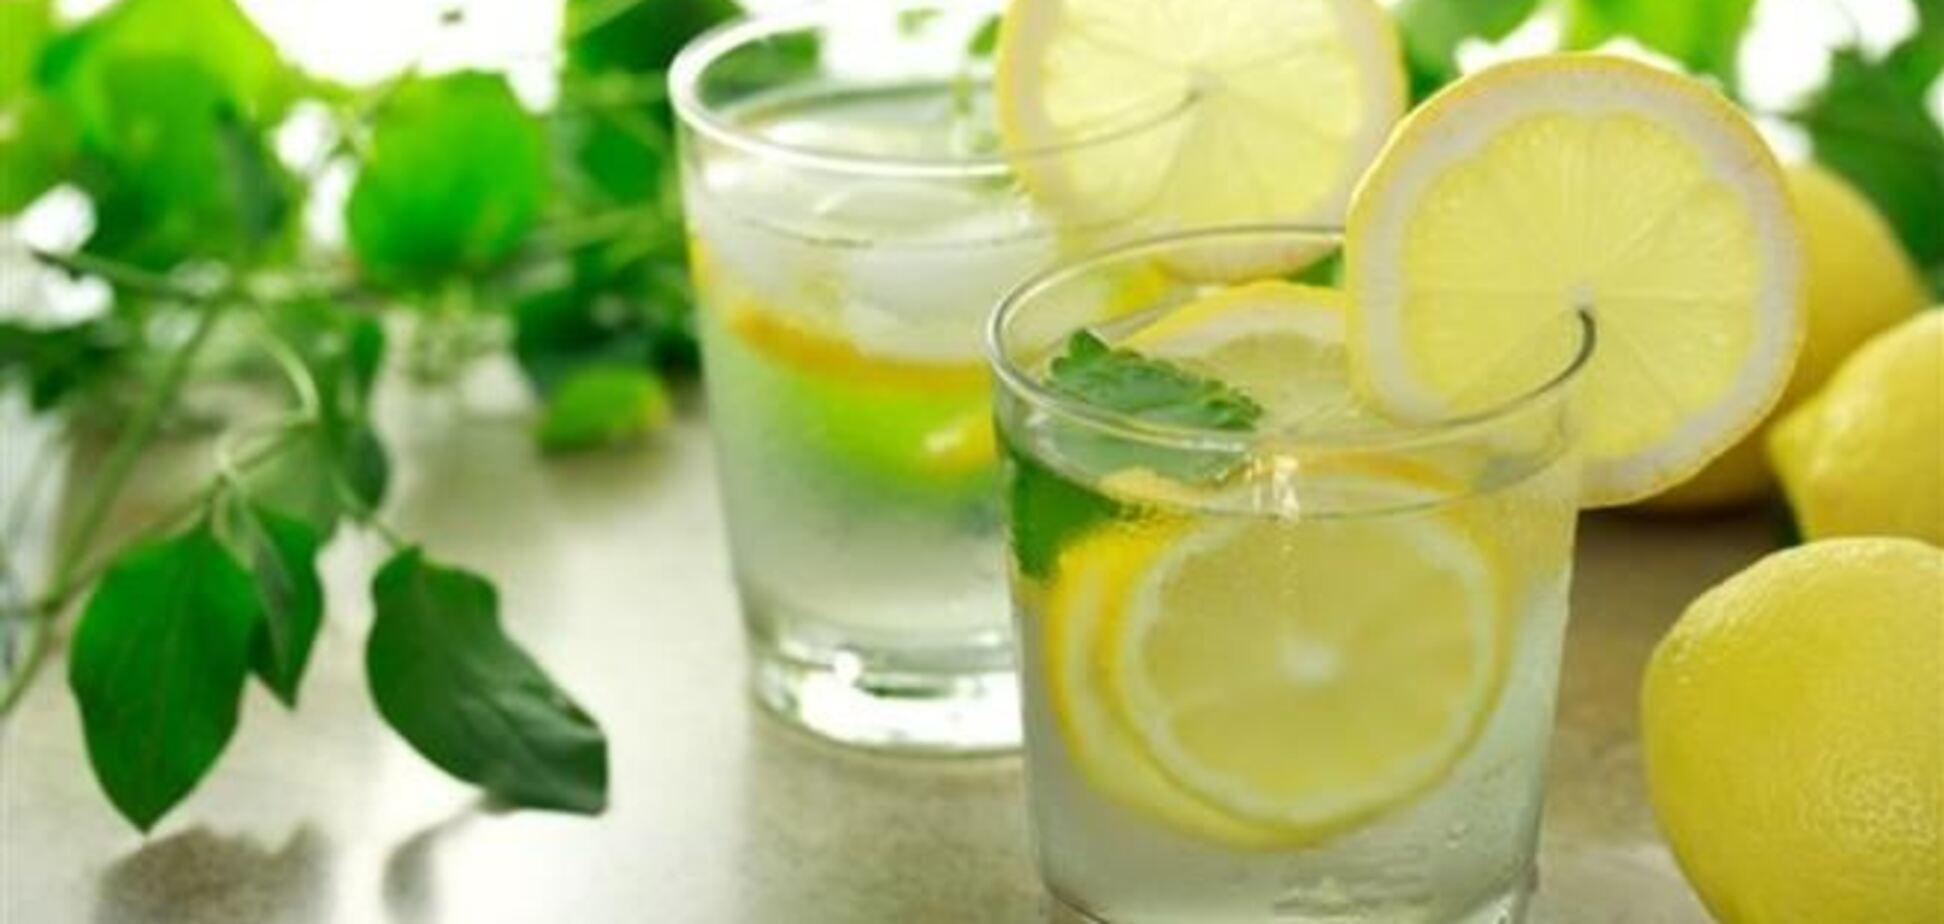 Лимонная вода очень полезна для здоровья